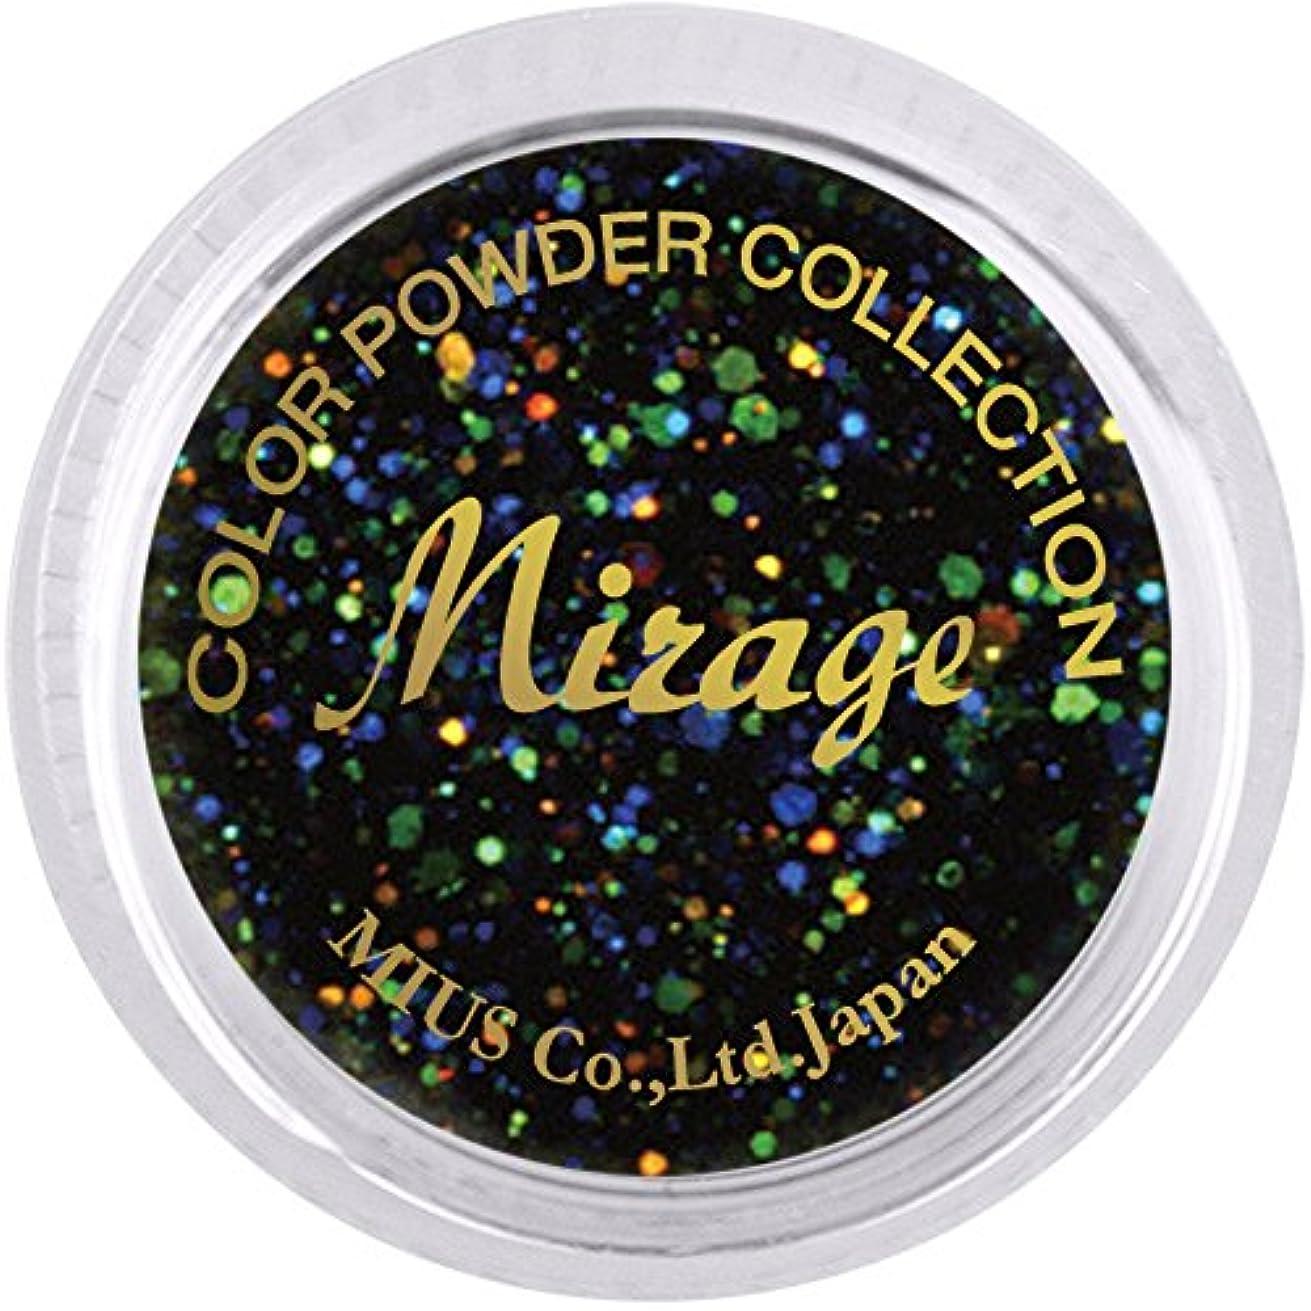 リンケージ基準血まみれミラージュ カラーパウダー N/CP-5 7g アクリルパウダー 微粒子ラメのビビッドシリーズ